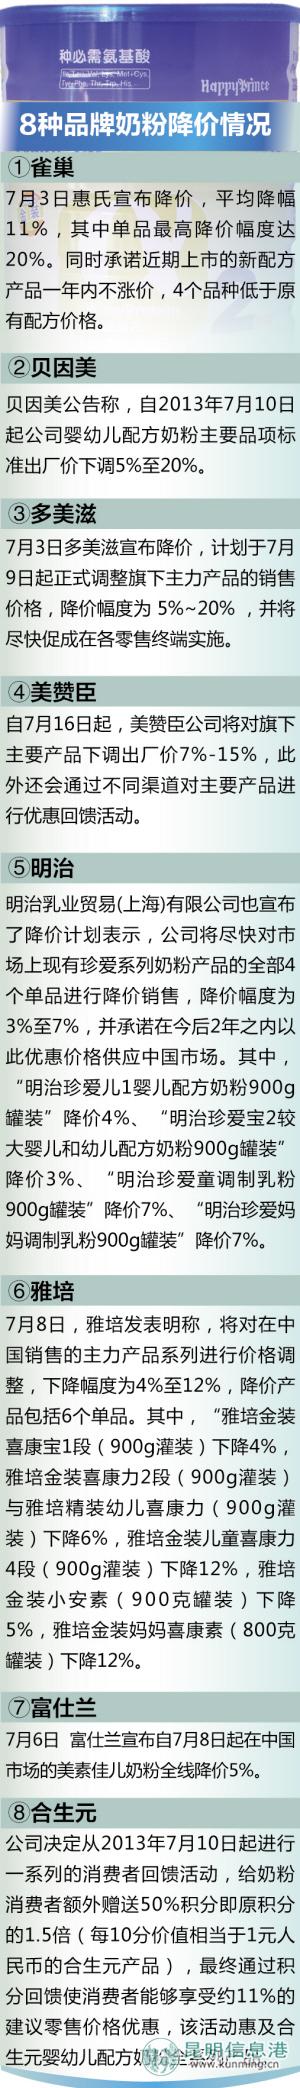 昆明各大超市洋奶粉价格下调 惠氏单品最高降20%